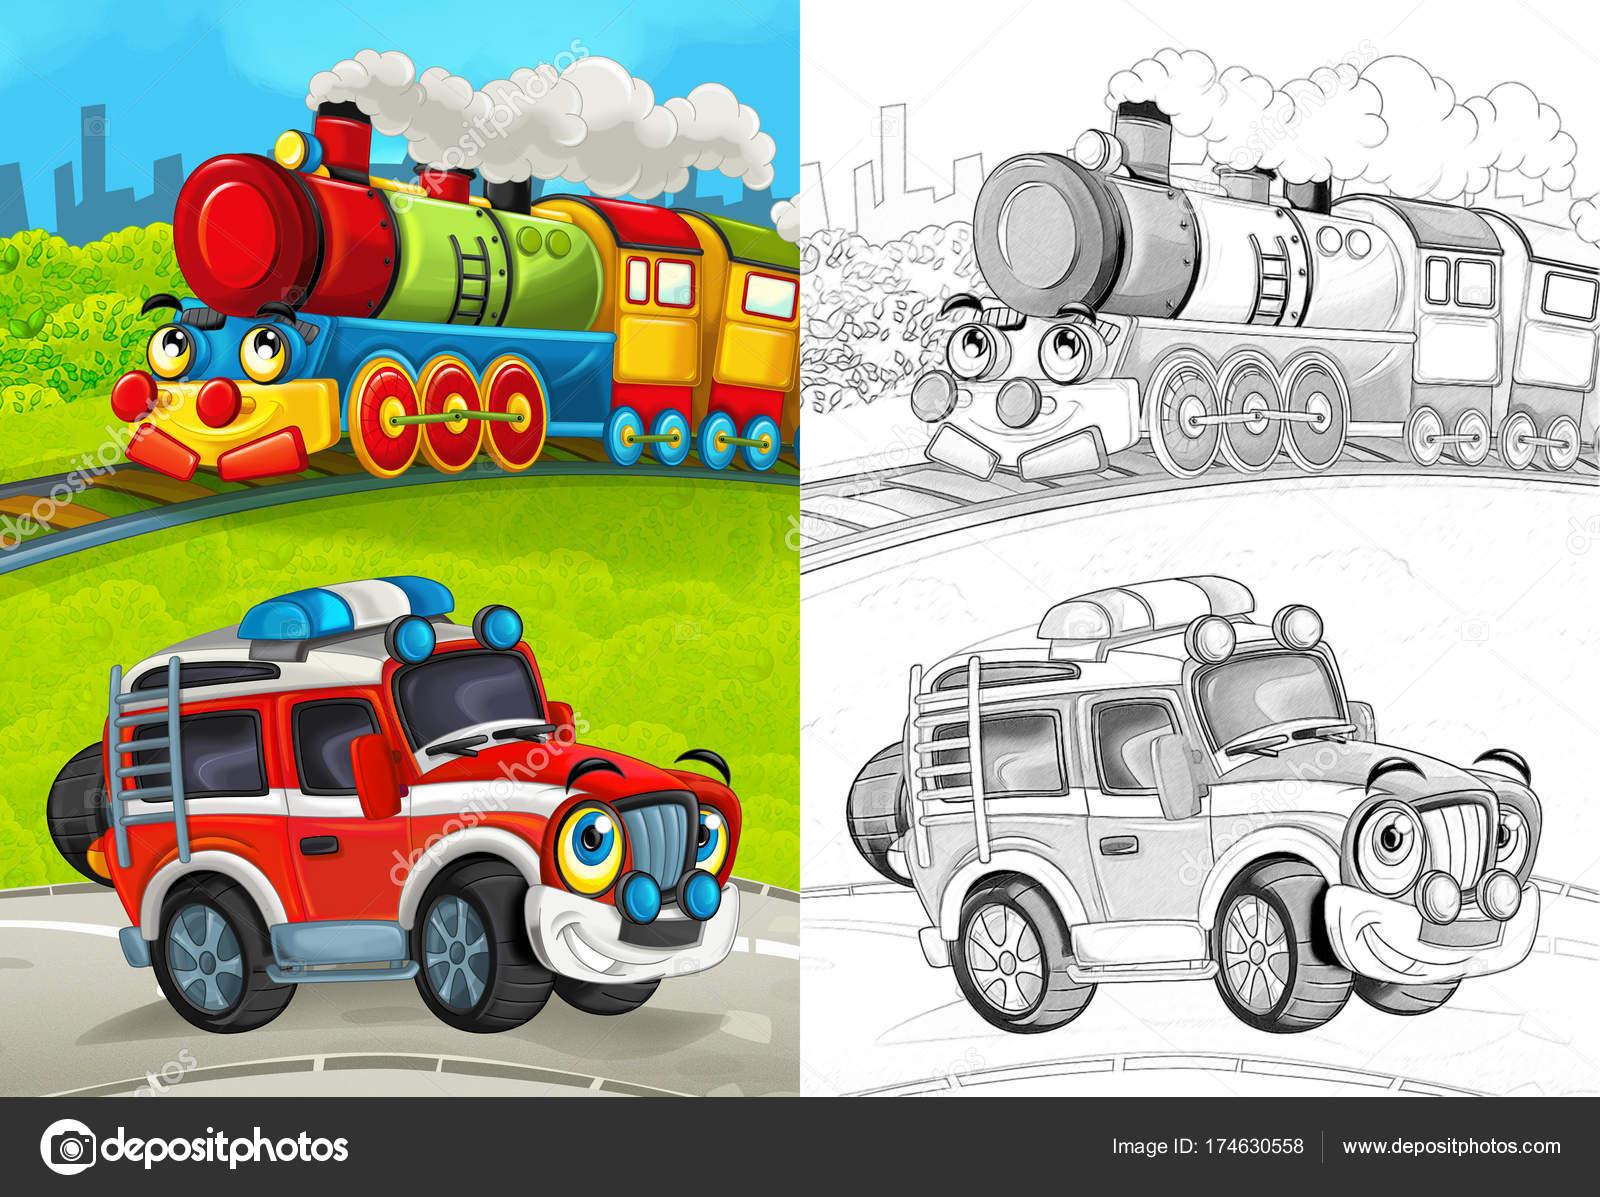 Kleurplaten Voertuigen Trein.Cartoon Scene Met Gelukkig Brandweerman Auto Weg Trein Met